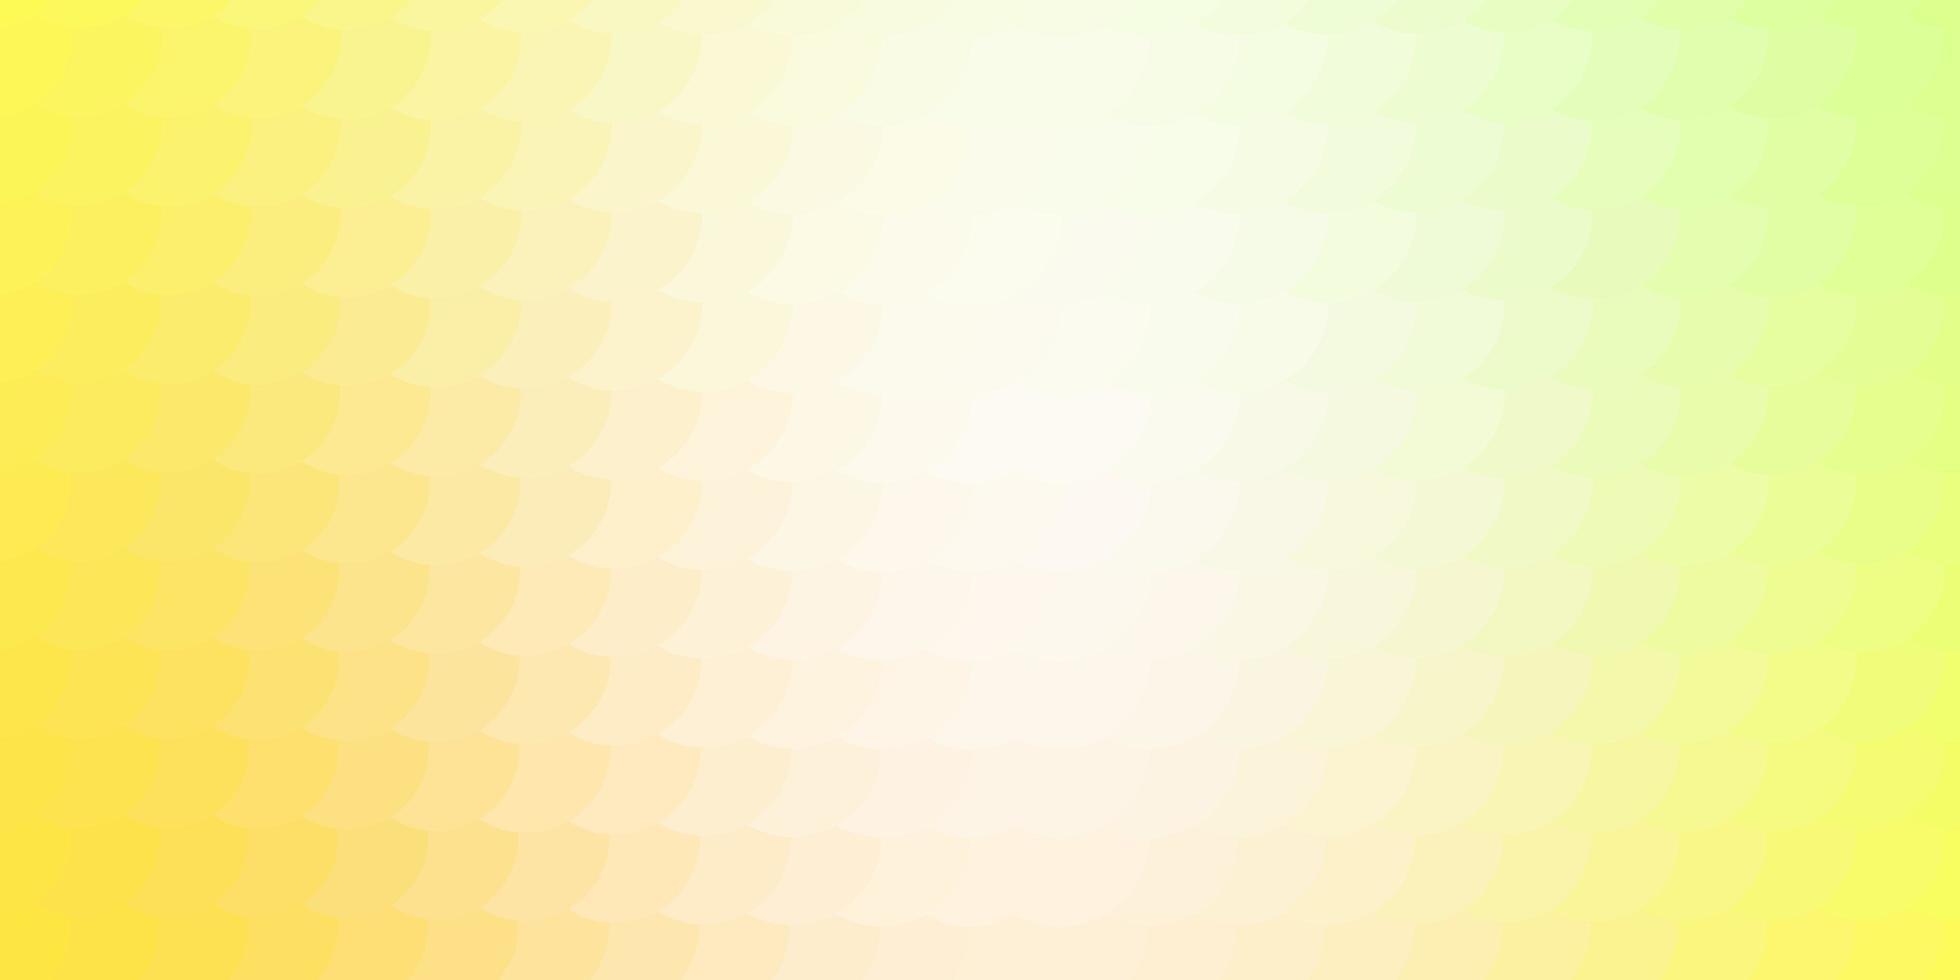 hellgrüne und gelbe Textur mit Kreisen. vektor